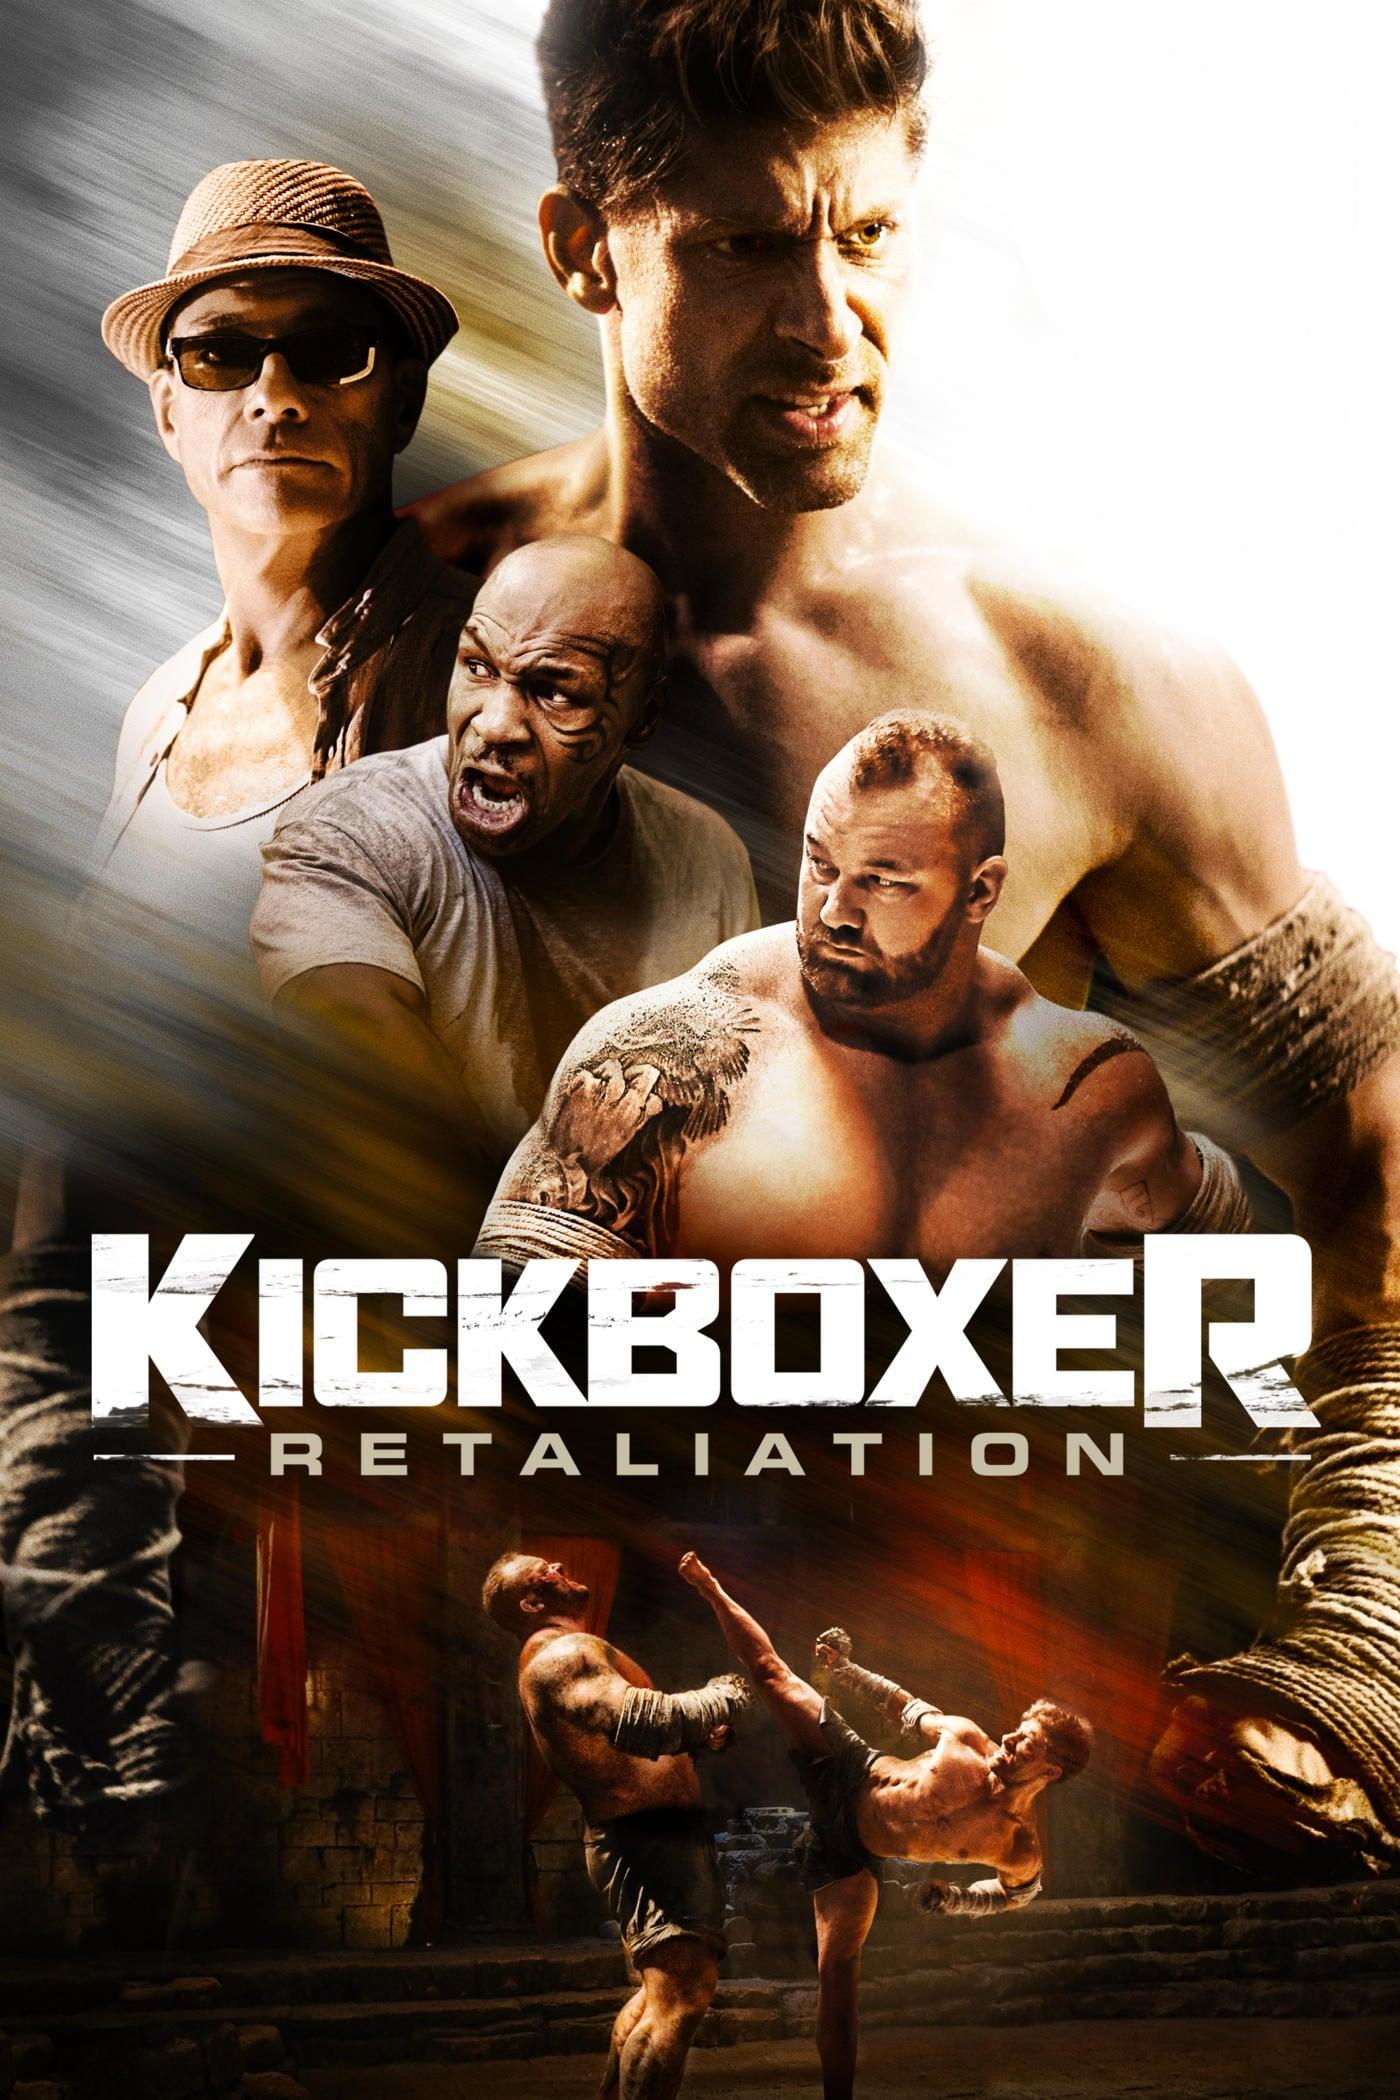 Kickboxer: Retal ...